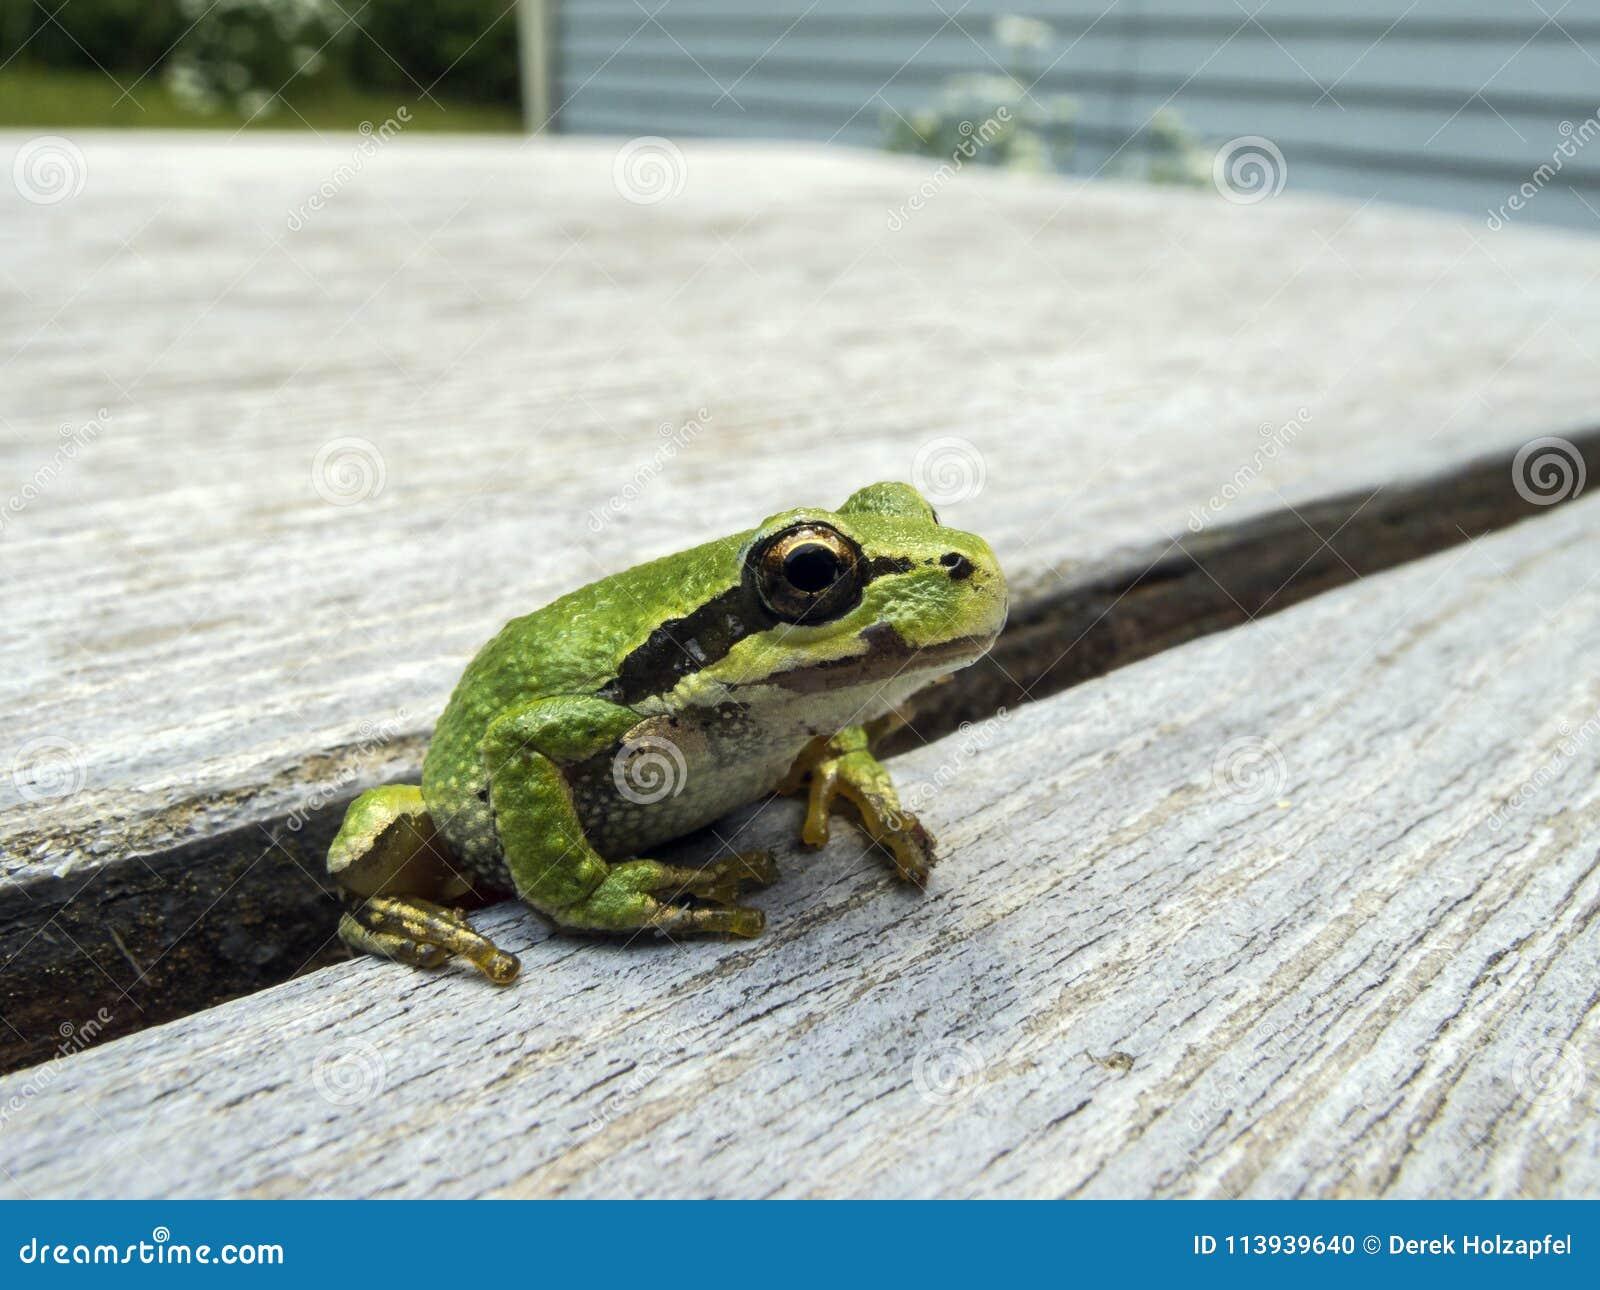 和平的雨蛙Pseudacris regilla